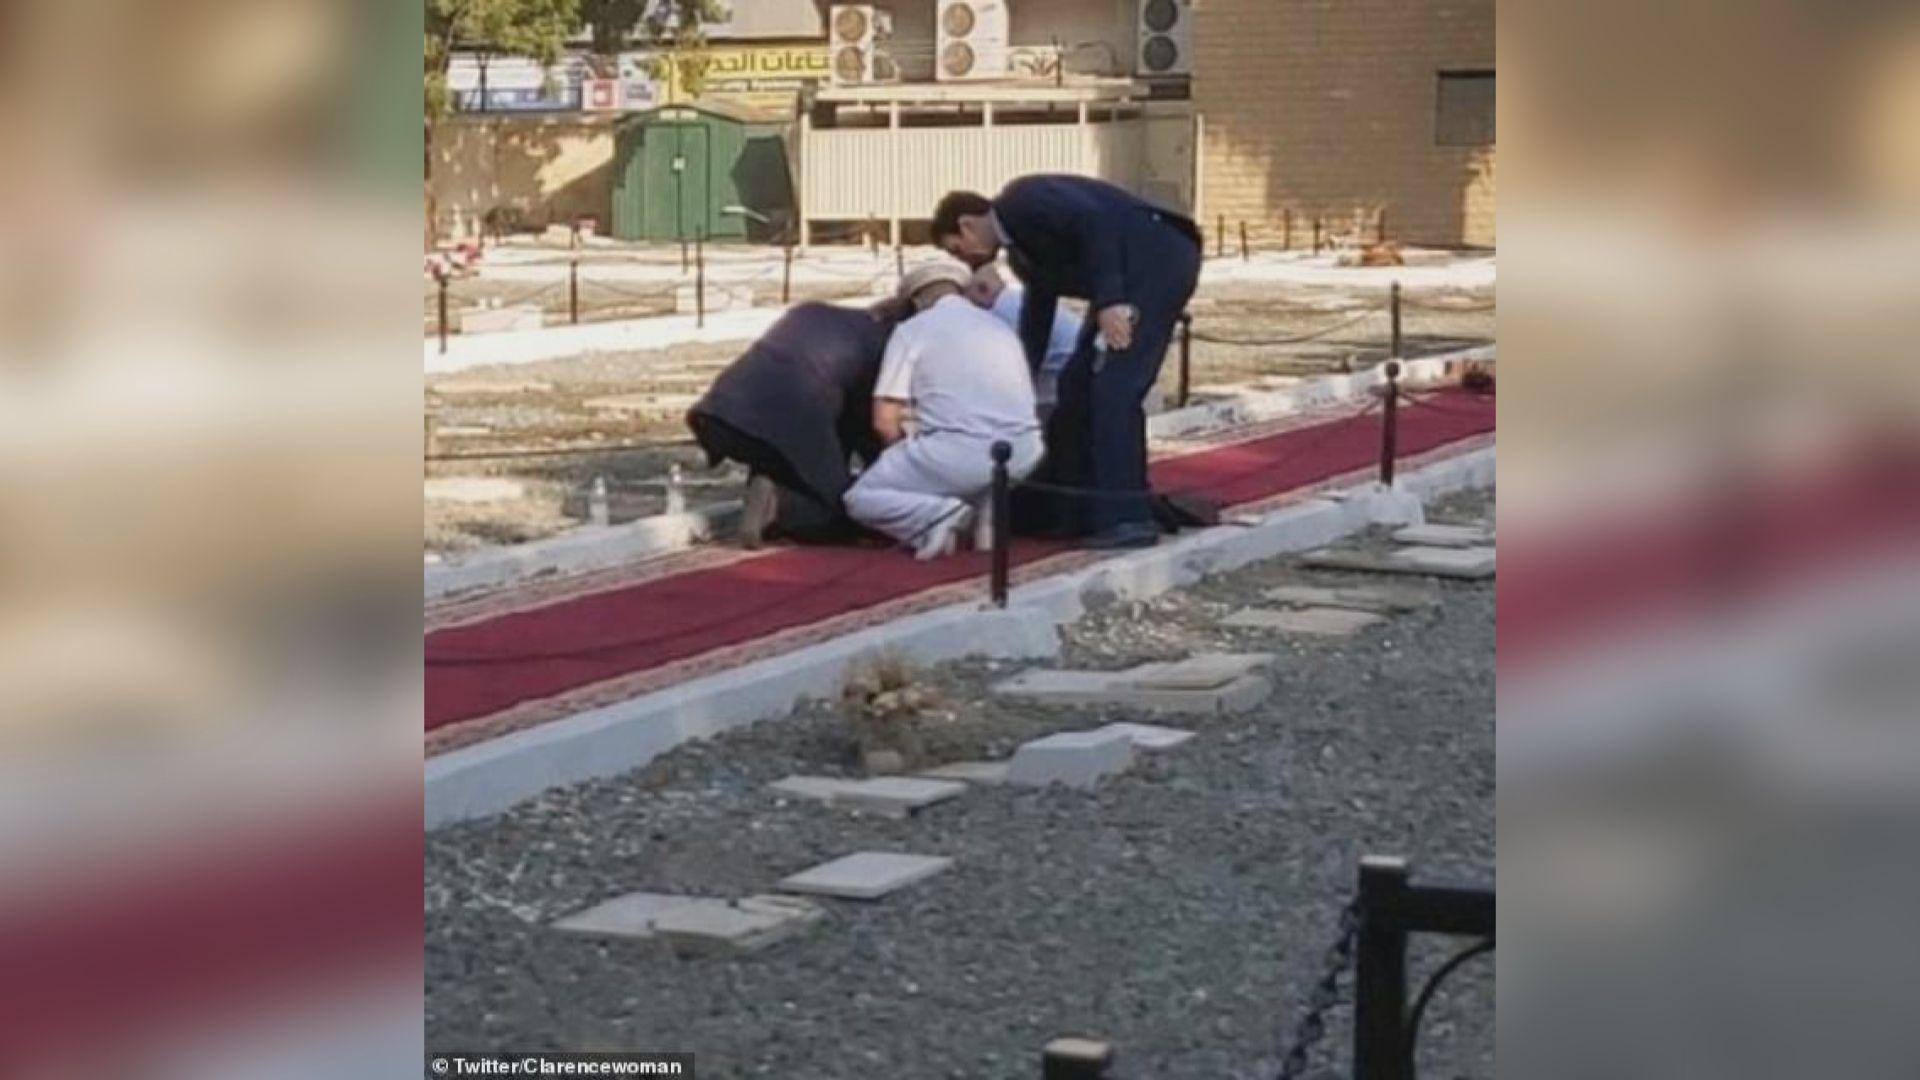 法、英等外交人員於沙特出席一戰紀念儀式時發生爆炸